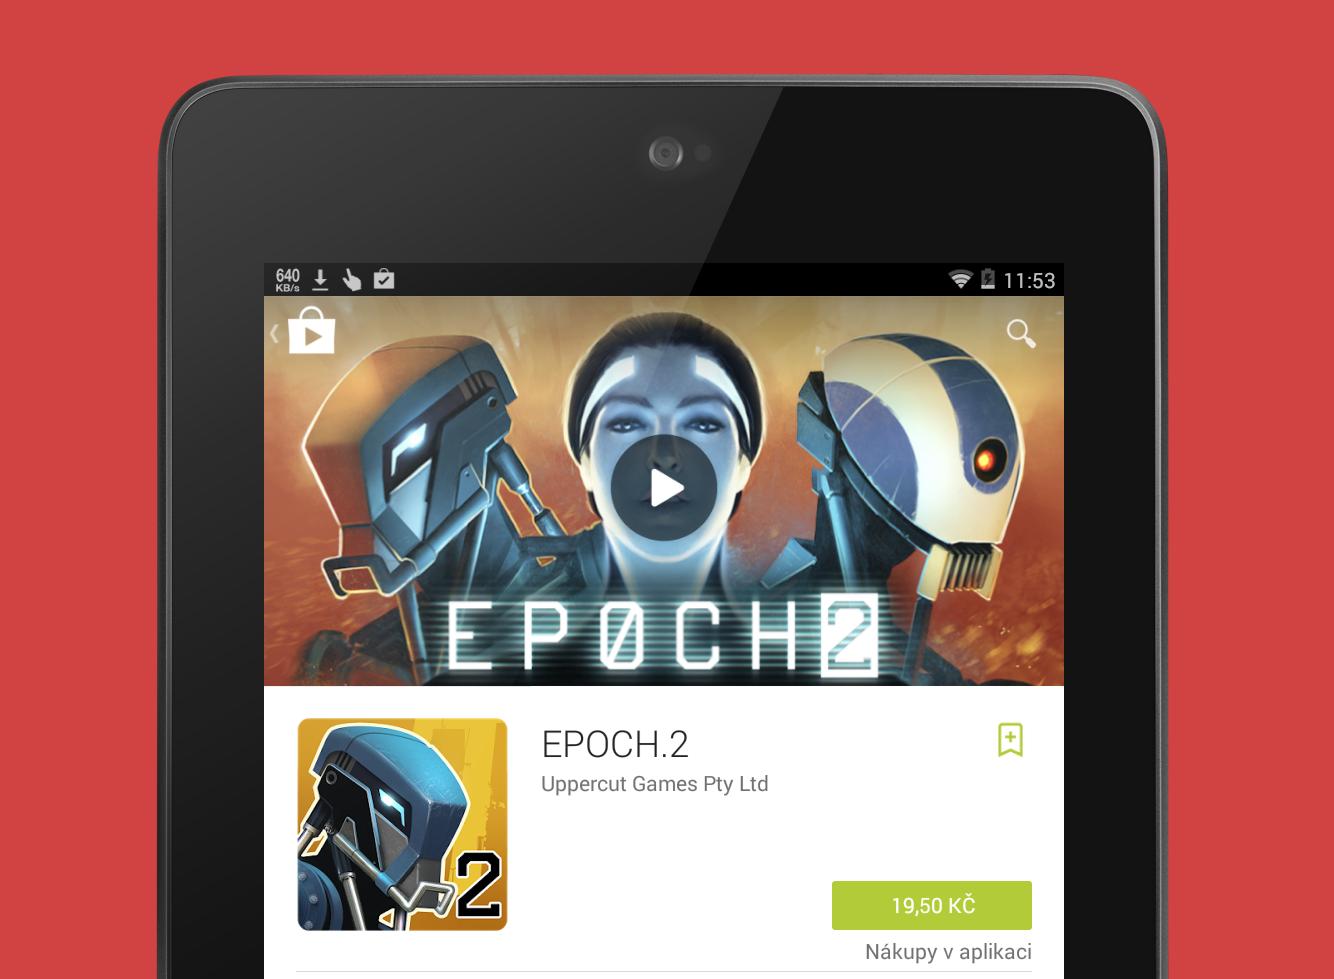 Ušetřete, Obchod Play nabízí několik skvělých aplikací a her ve slevě